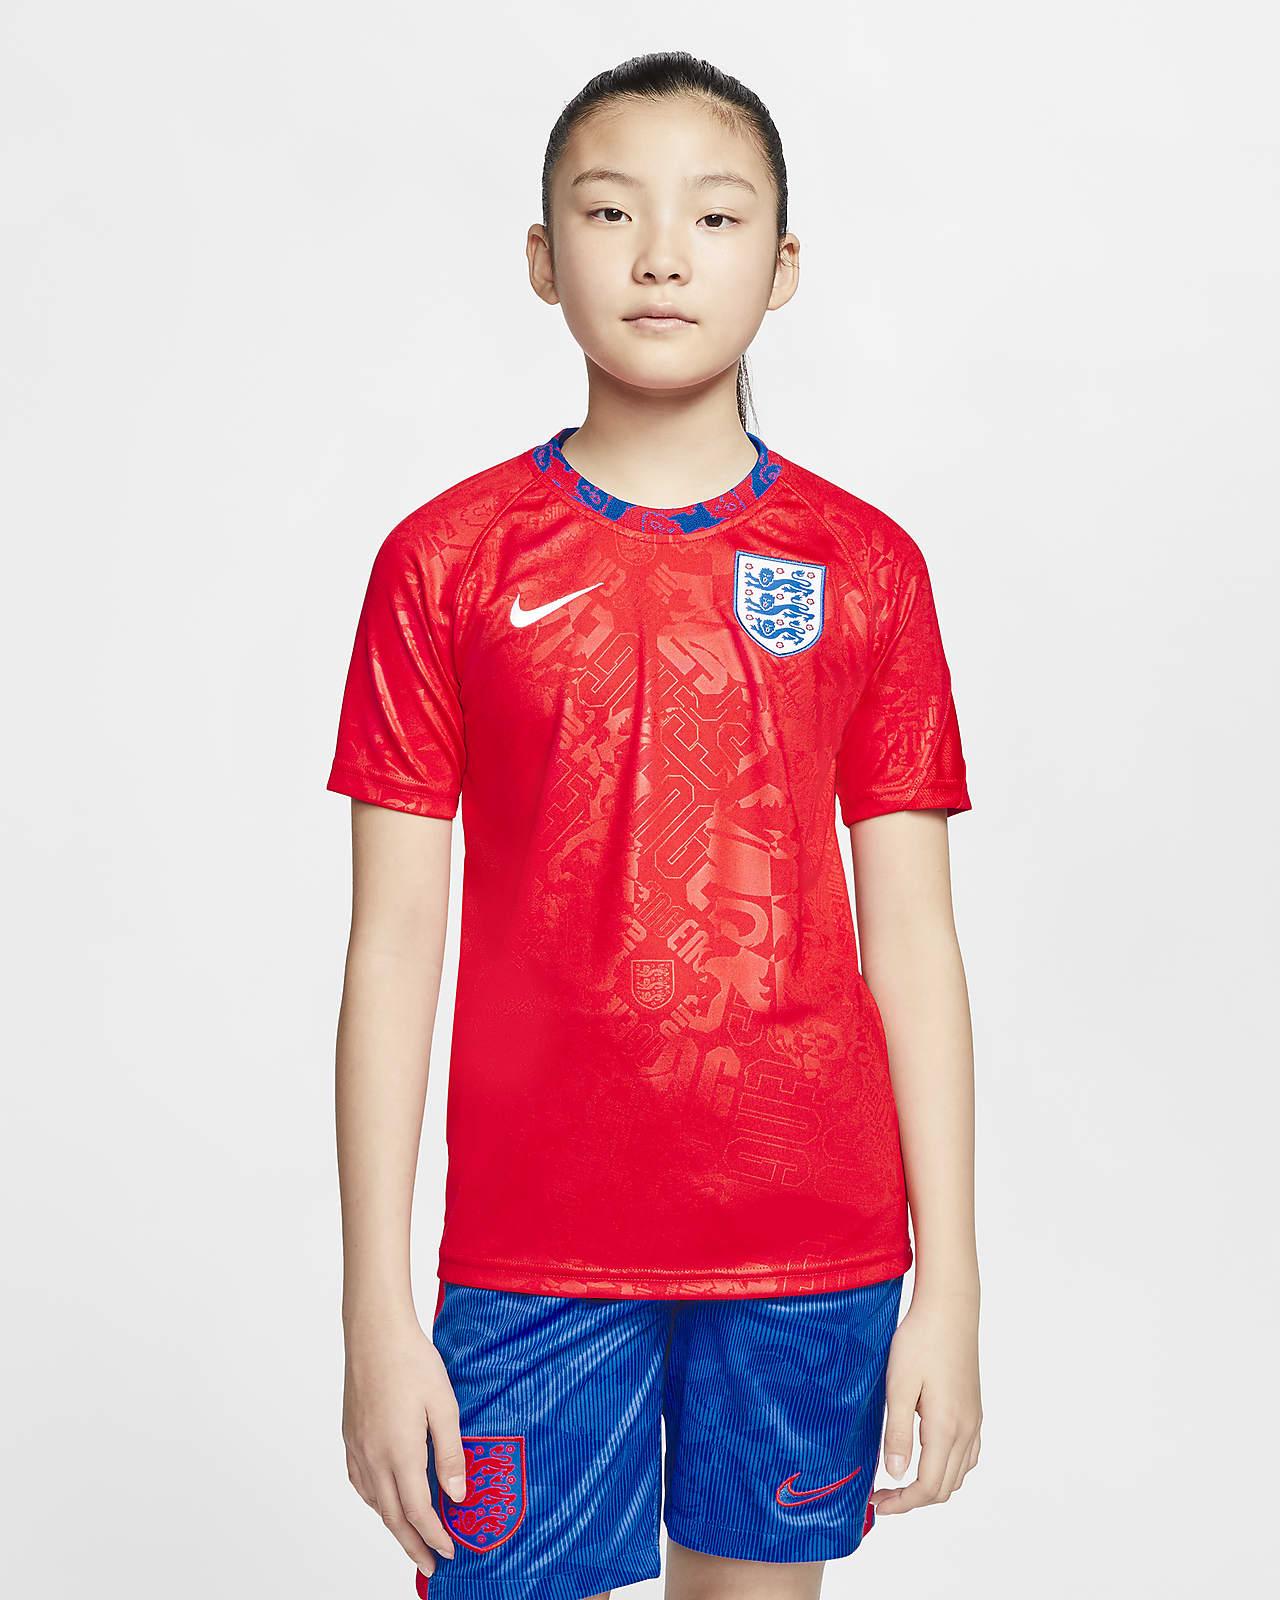 Anglia rövid ujjú futballfelső nagyobb gyerekeknek